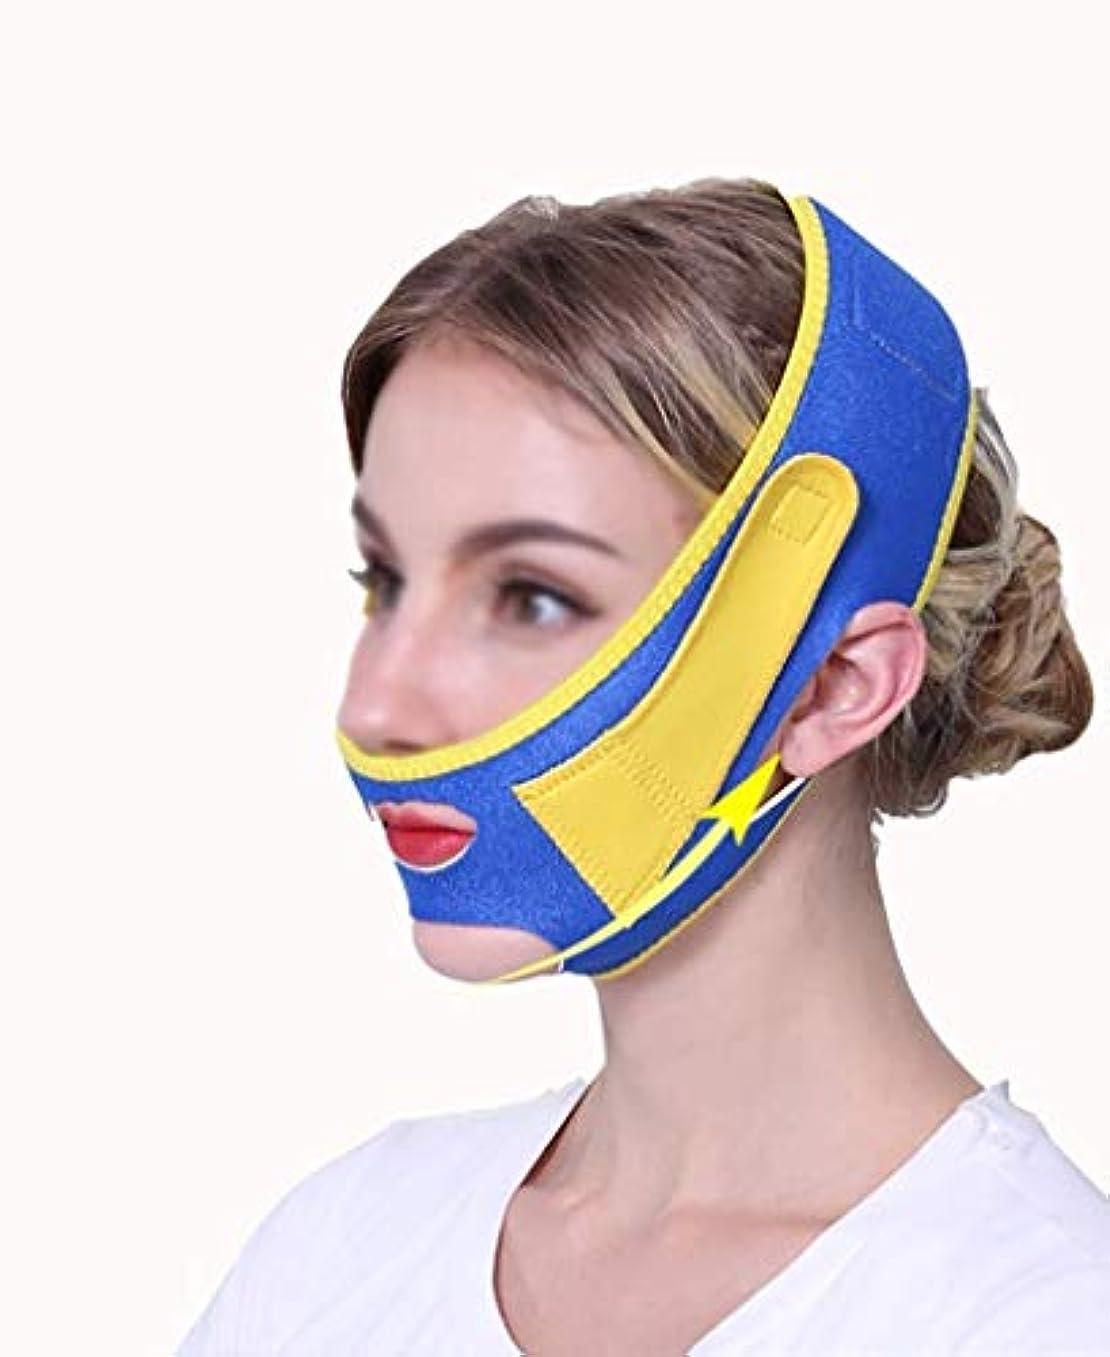 市民コーチアイスクリームフェイスリフトマスク、あごひも回復包帯薄いフェイスマスクVフェイスステッカーフェイスリフトステッカー韓国本物のリフティング引き締め引き締め成形薄いダブルチンフェイスリフト睡眠包帯アーティファクト